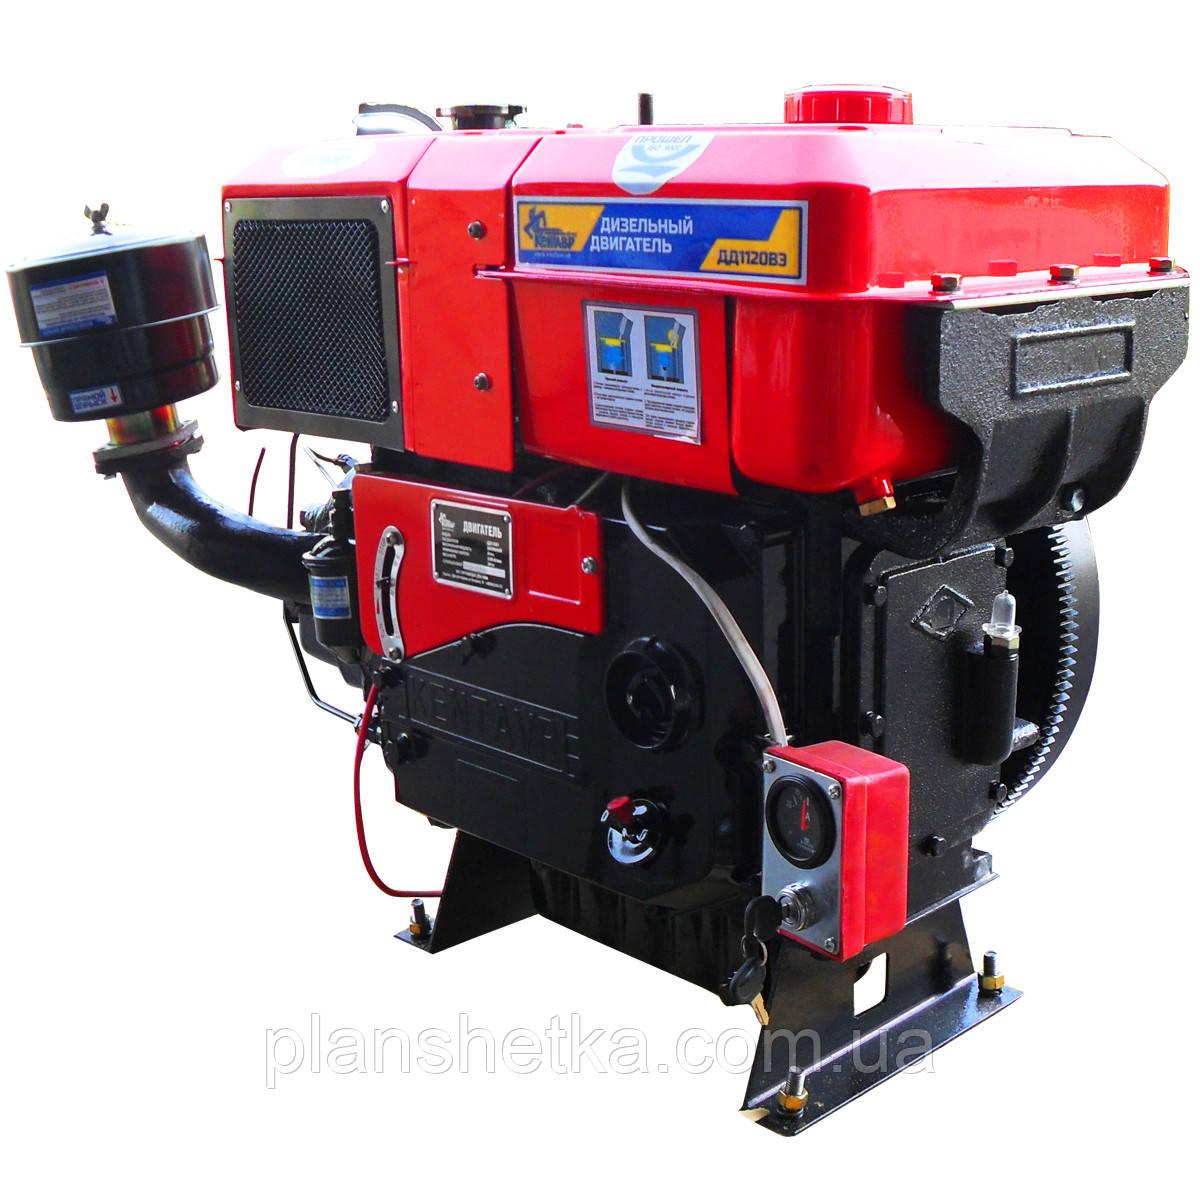 Двигатель дизельный Кентавр ДД1120ВЭ (26 л.с., дизель, электростартер)